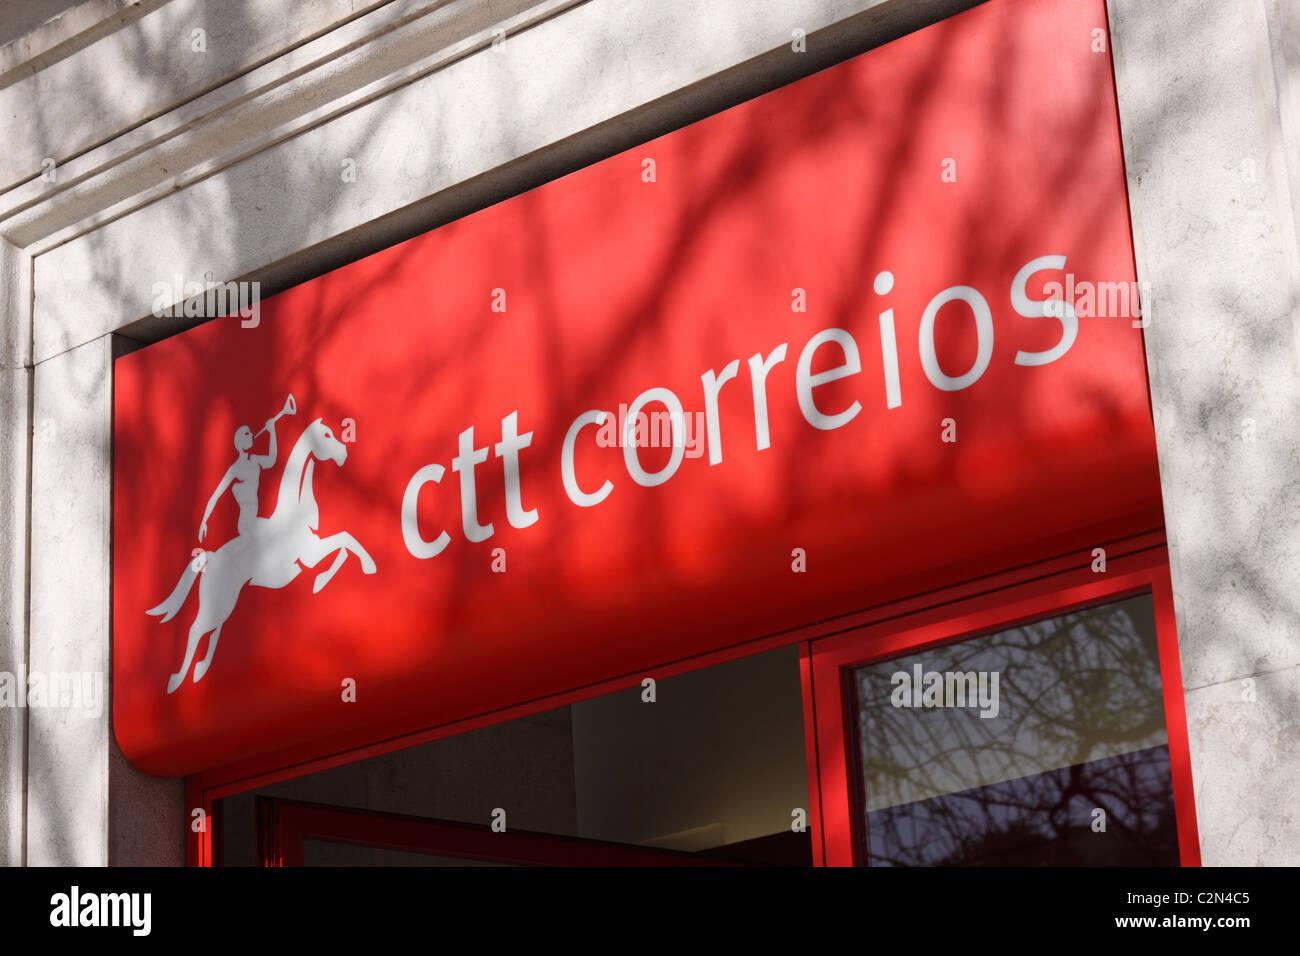 Bureau de poste portugaise ctt correios de portugal lisbonne banque